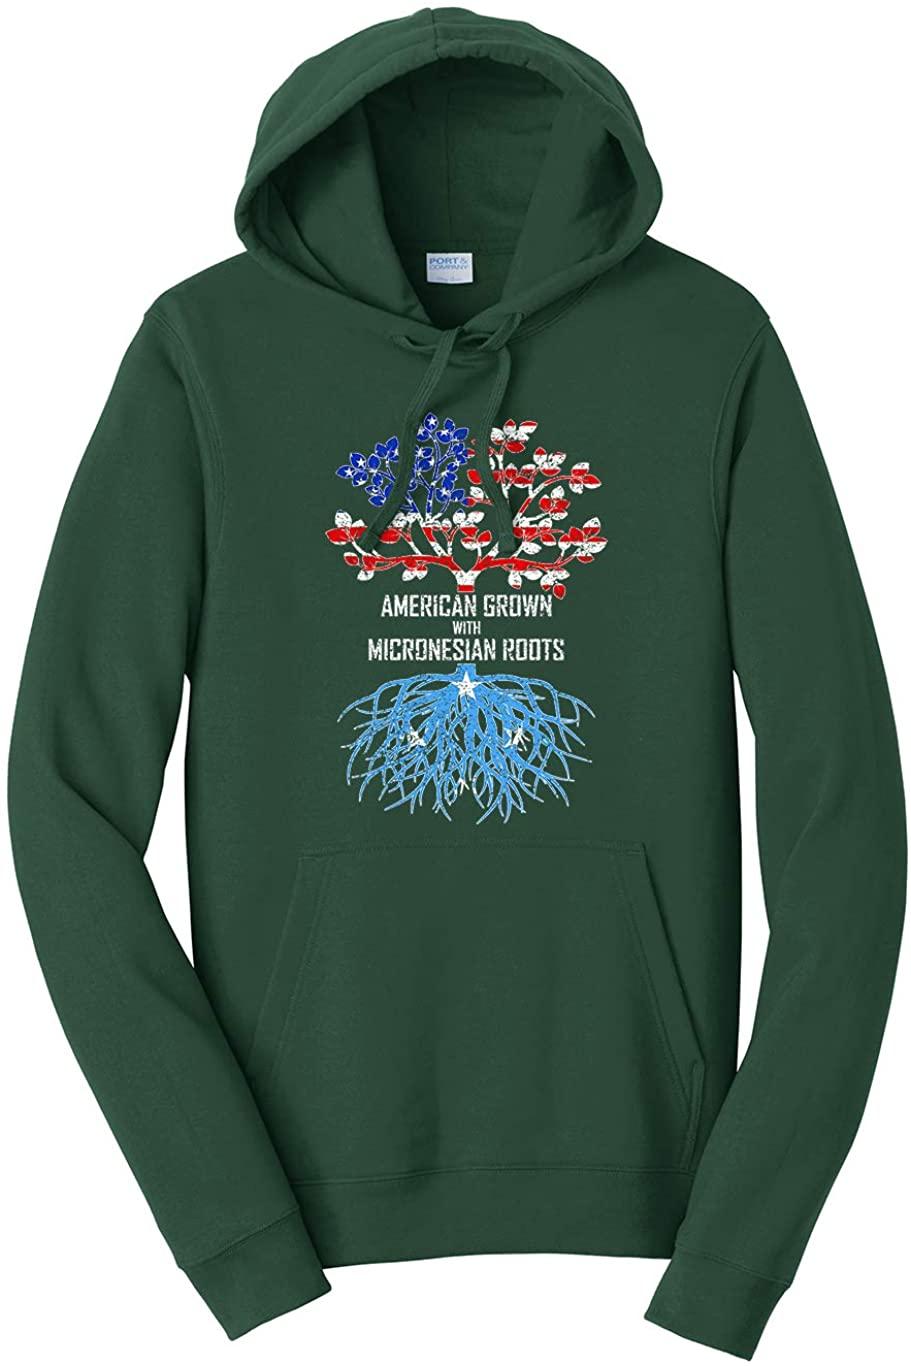 Tenacitee Unisex American Grown with Micronesian Roots Hooded Sweatshirt